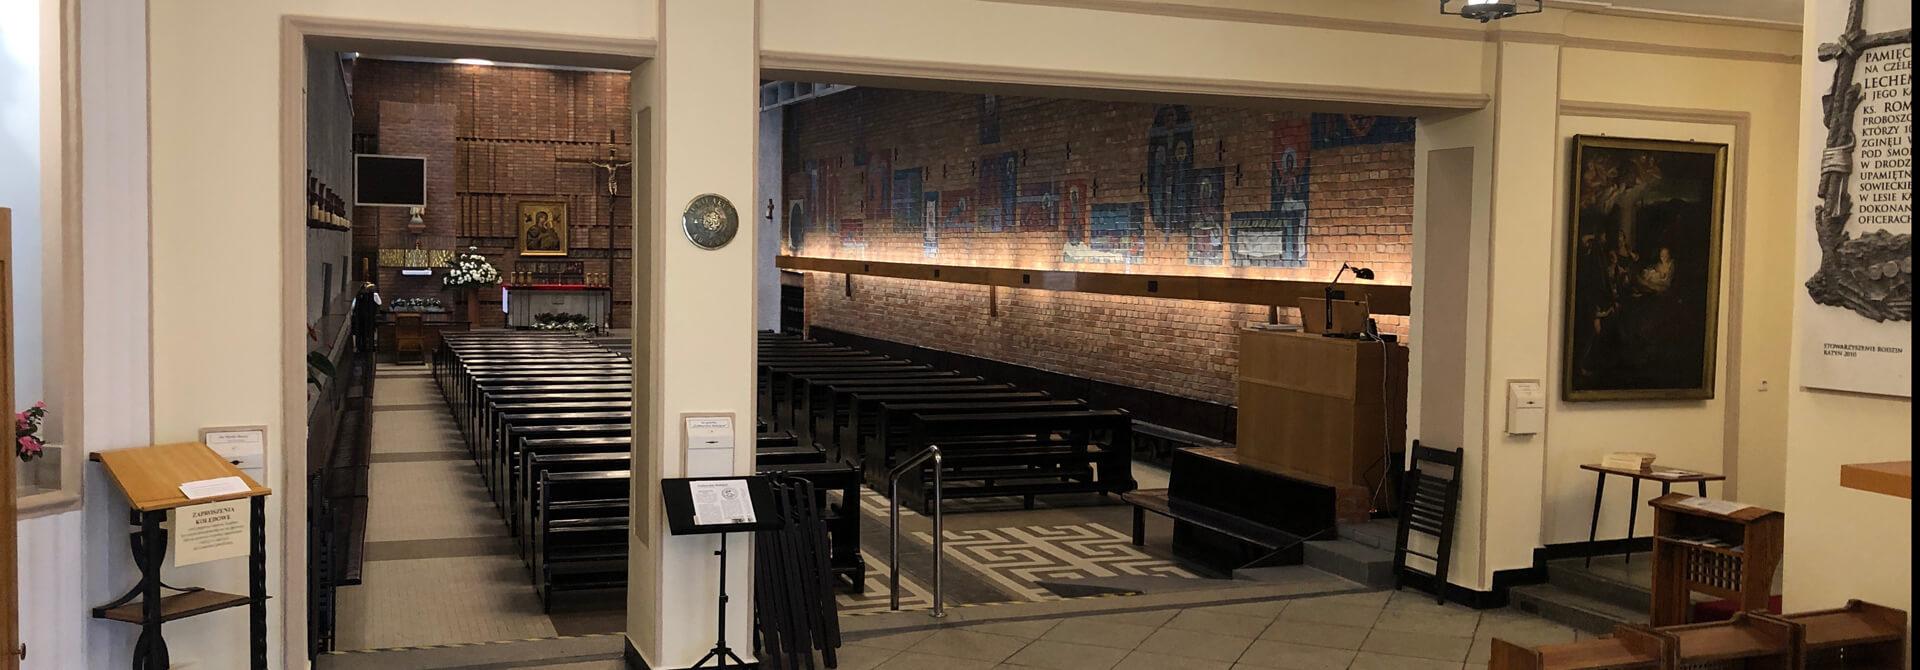 Kościół pw. Dzieciątka Jezus